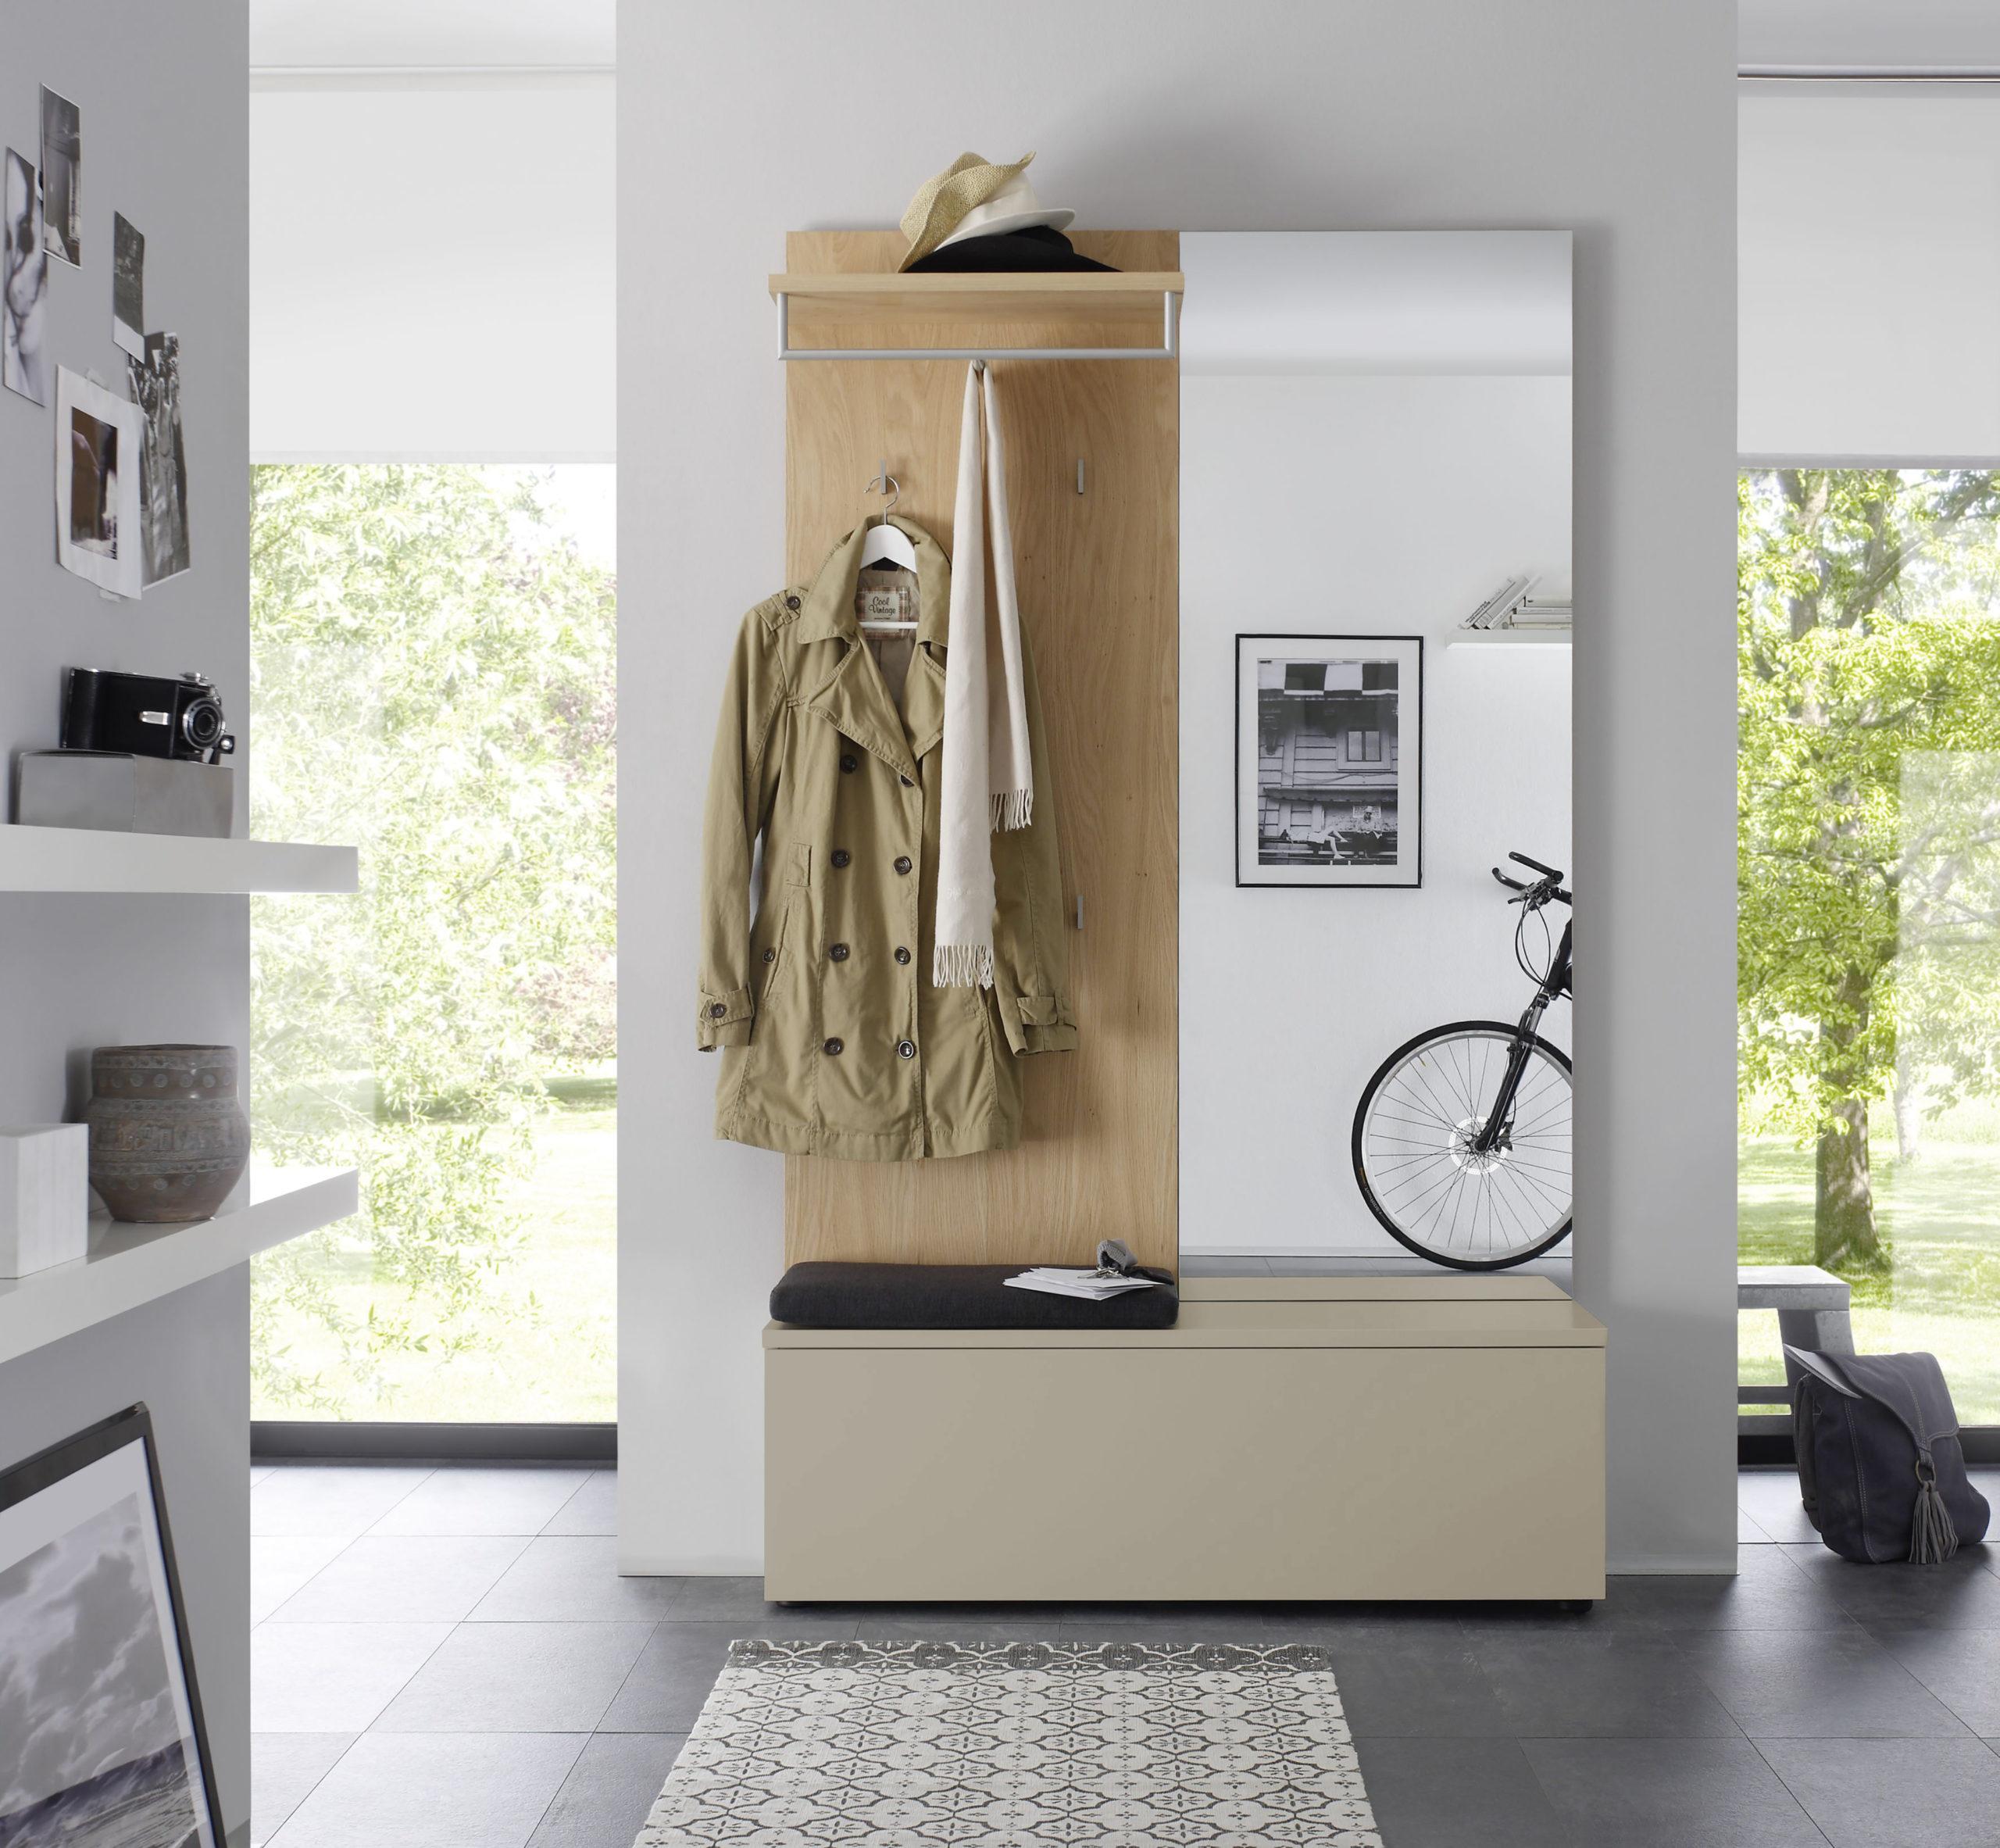 Sudbrock TANDO Garderobe in der Ausführung Ethno Eiche, Lack terra #408